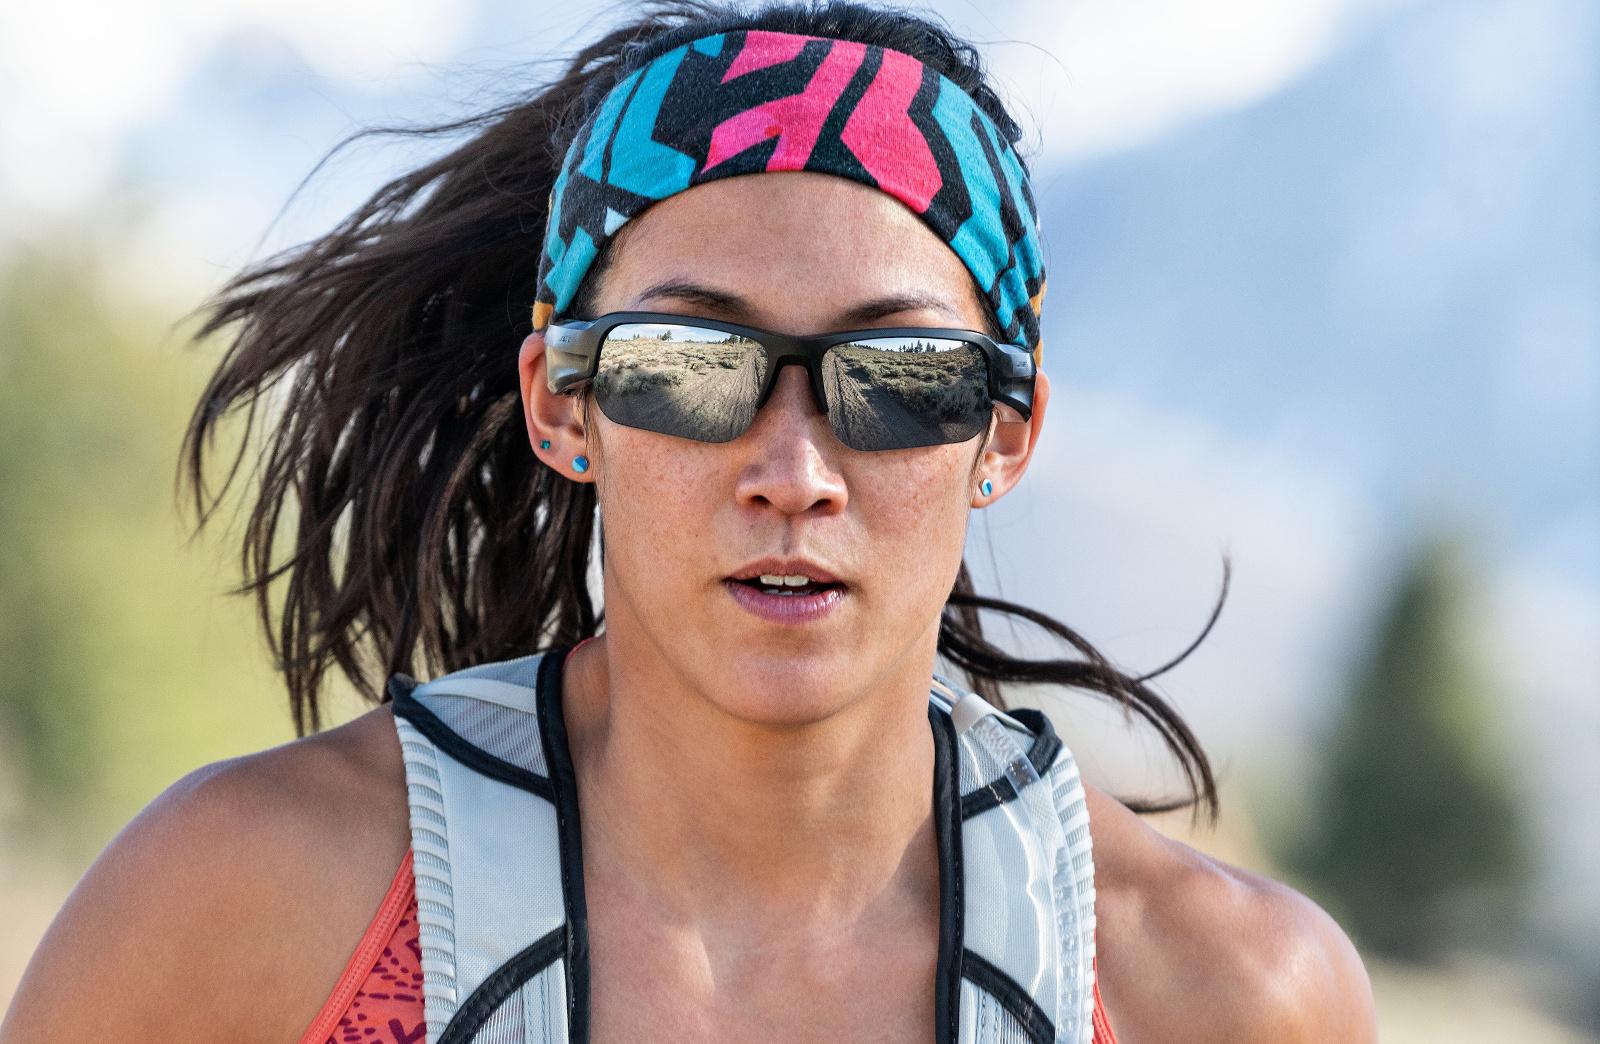 Bose, Frames serisi için hoparlörlü üç yeni güneş gözlüğü piyasaya sürüyor | Engadget